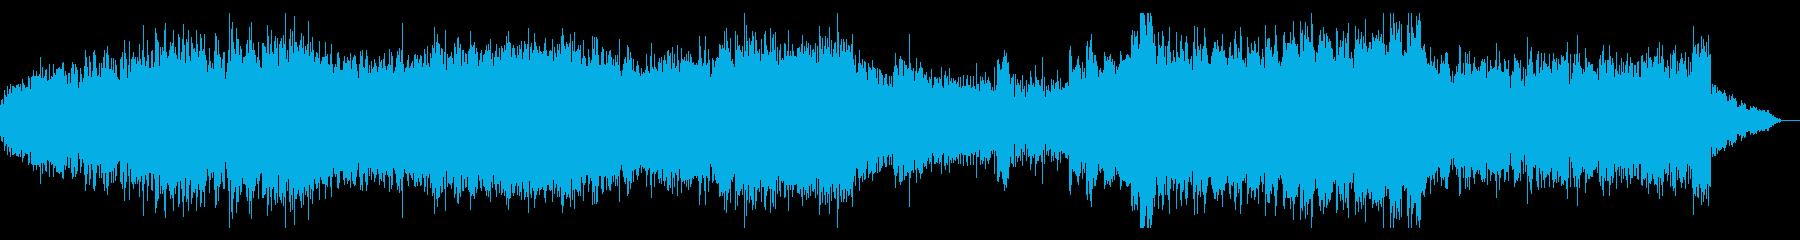 シネマティックなテクノミュージックの再生済みの波形